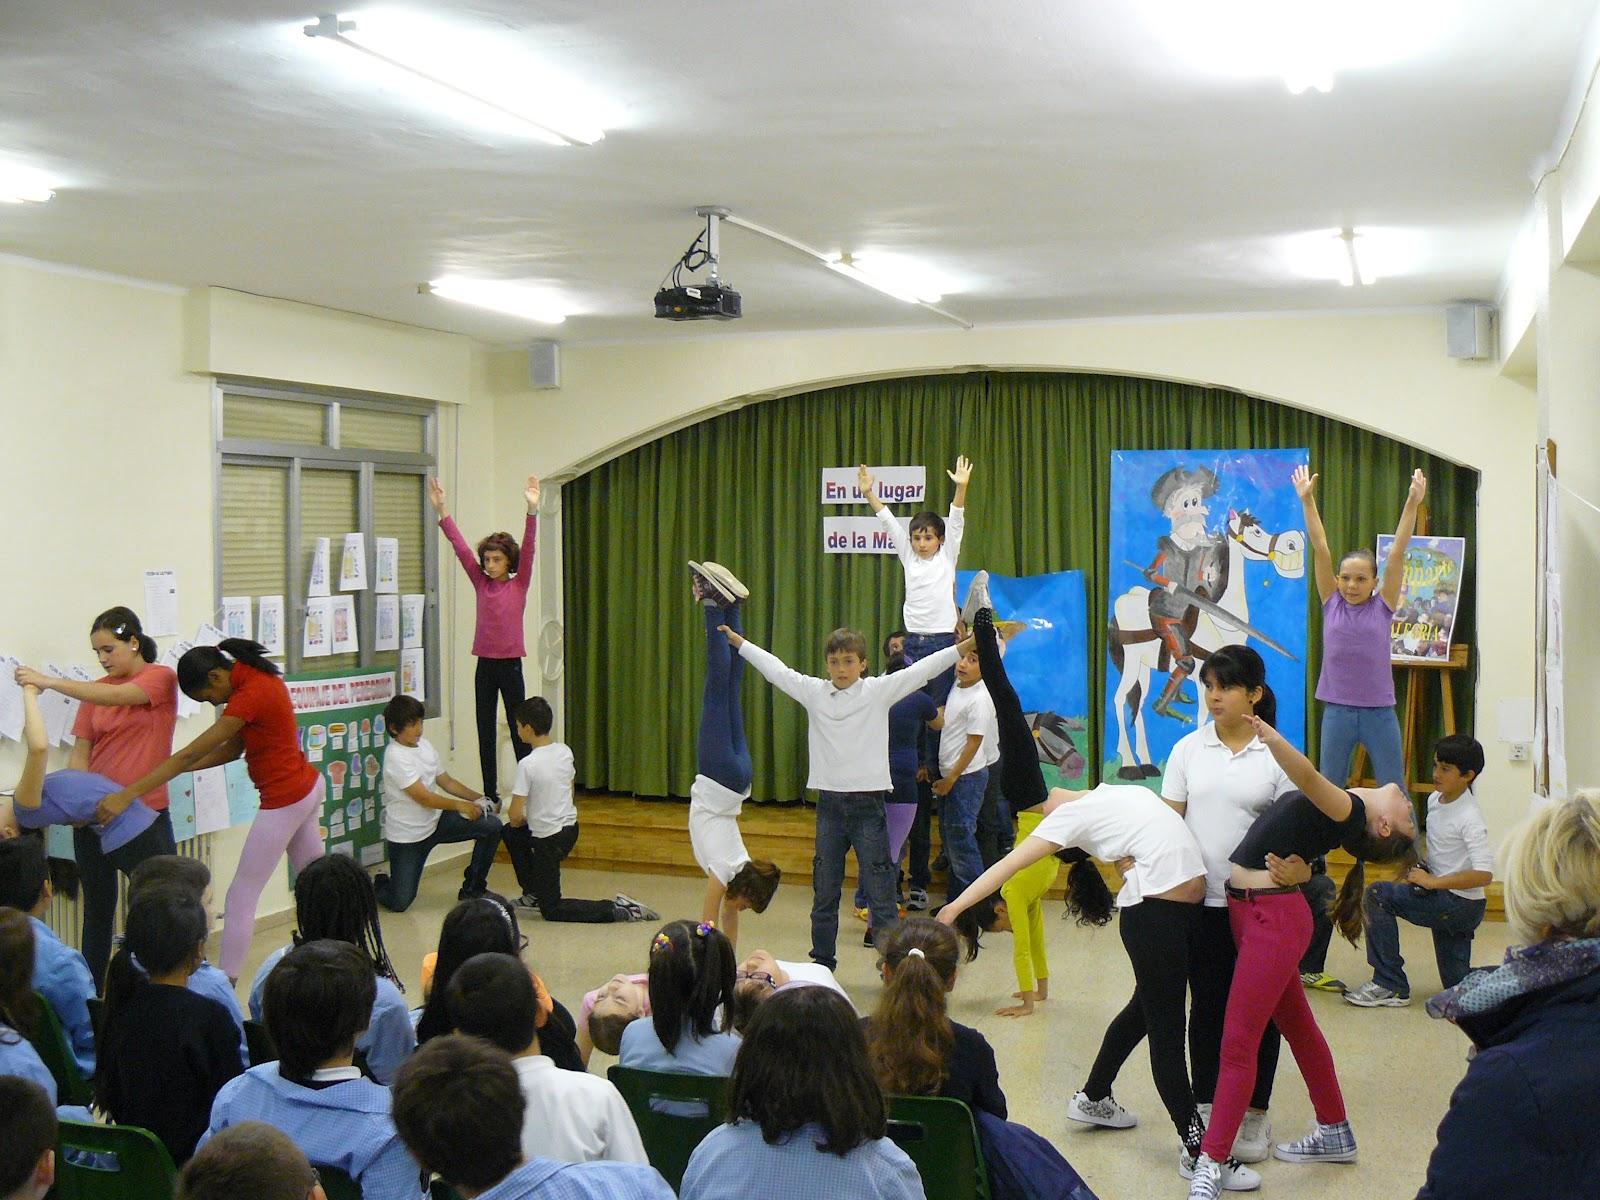 Colegio amor de dios burlada poetas en danza - Colegio amor de dios oviedo ...